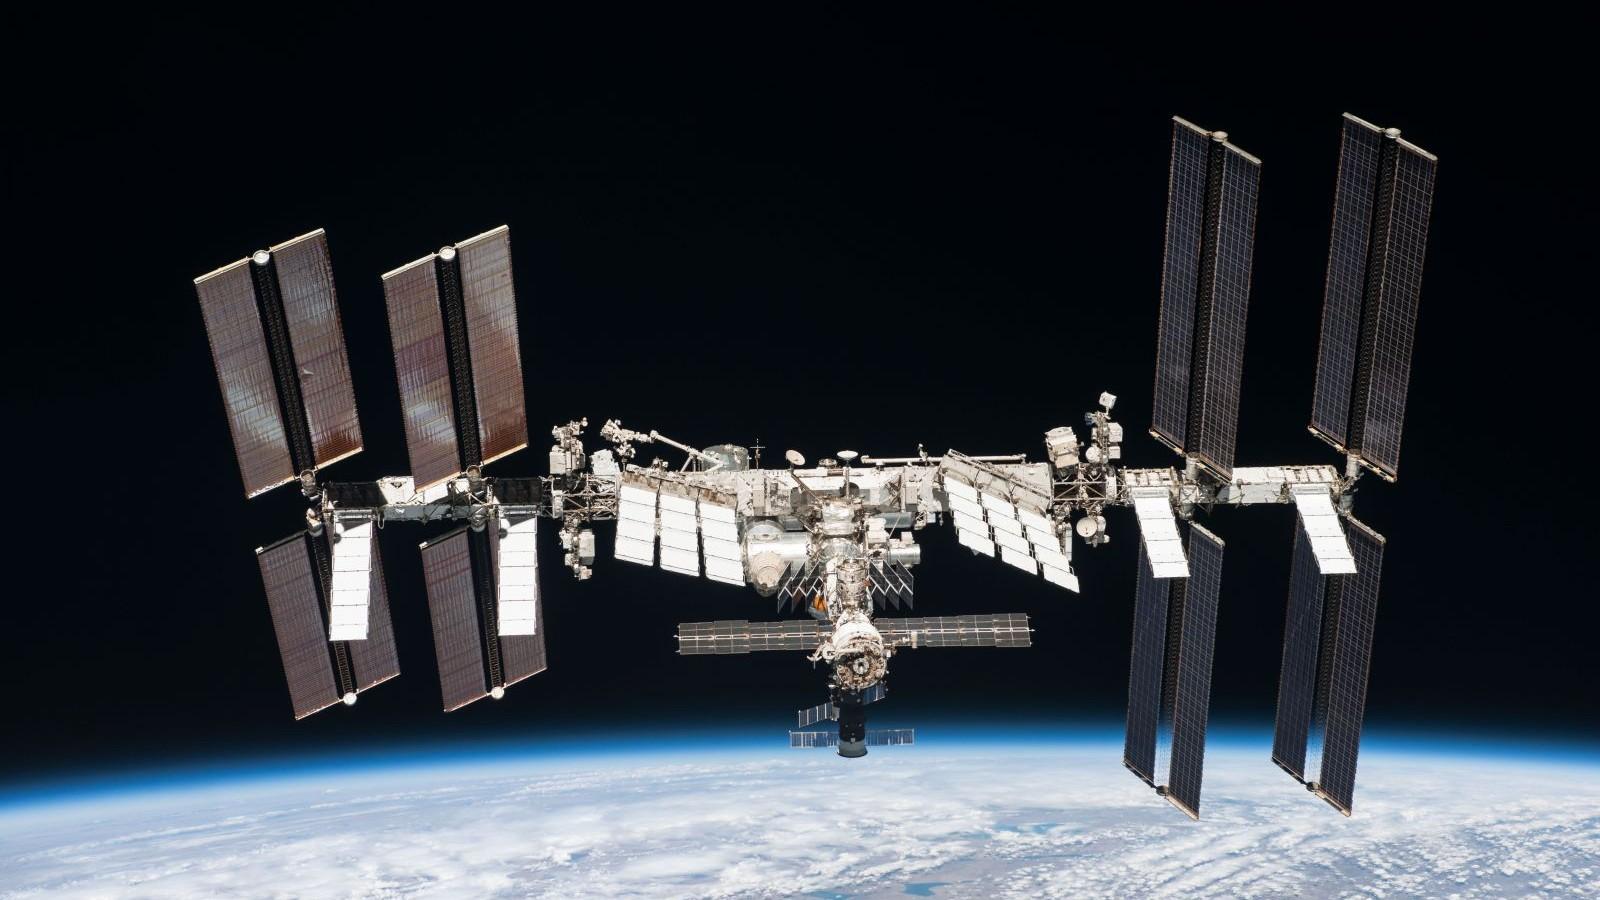 La Estación Espacial debió maniobrar para evitar una colisión con escombros de un cohete